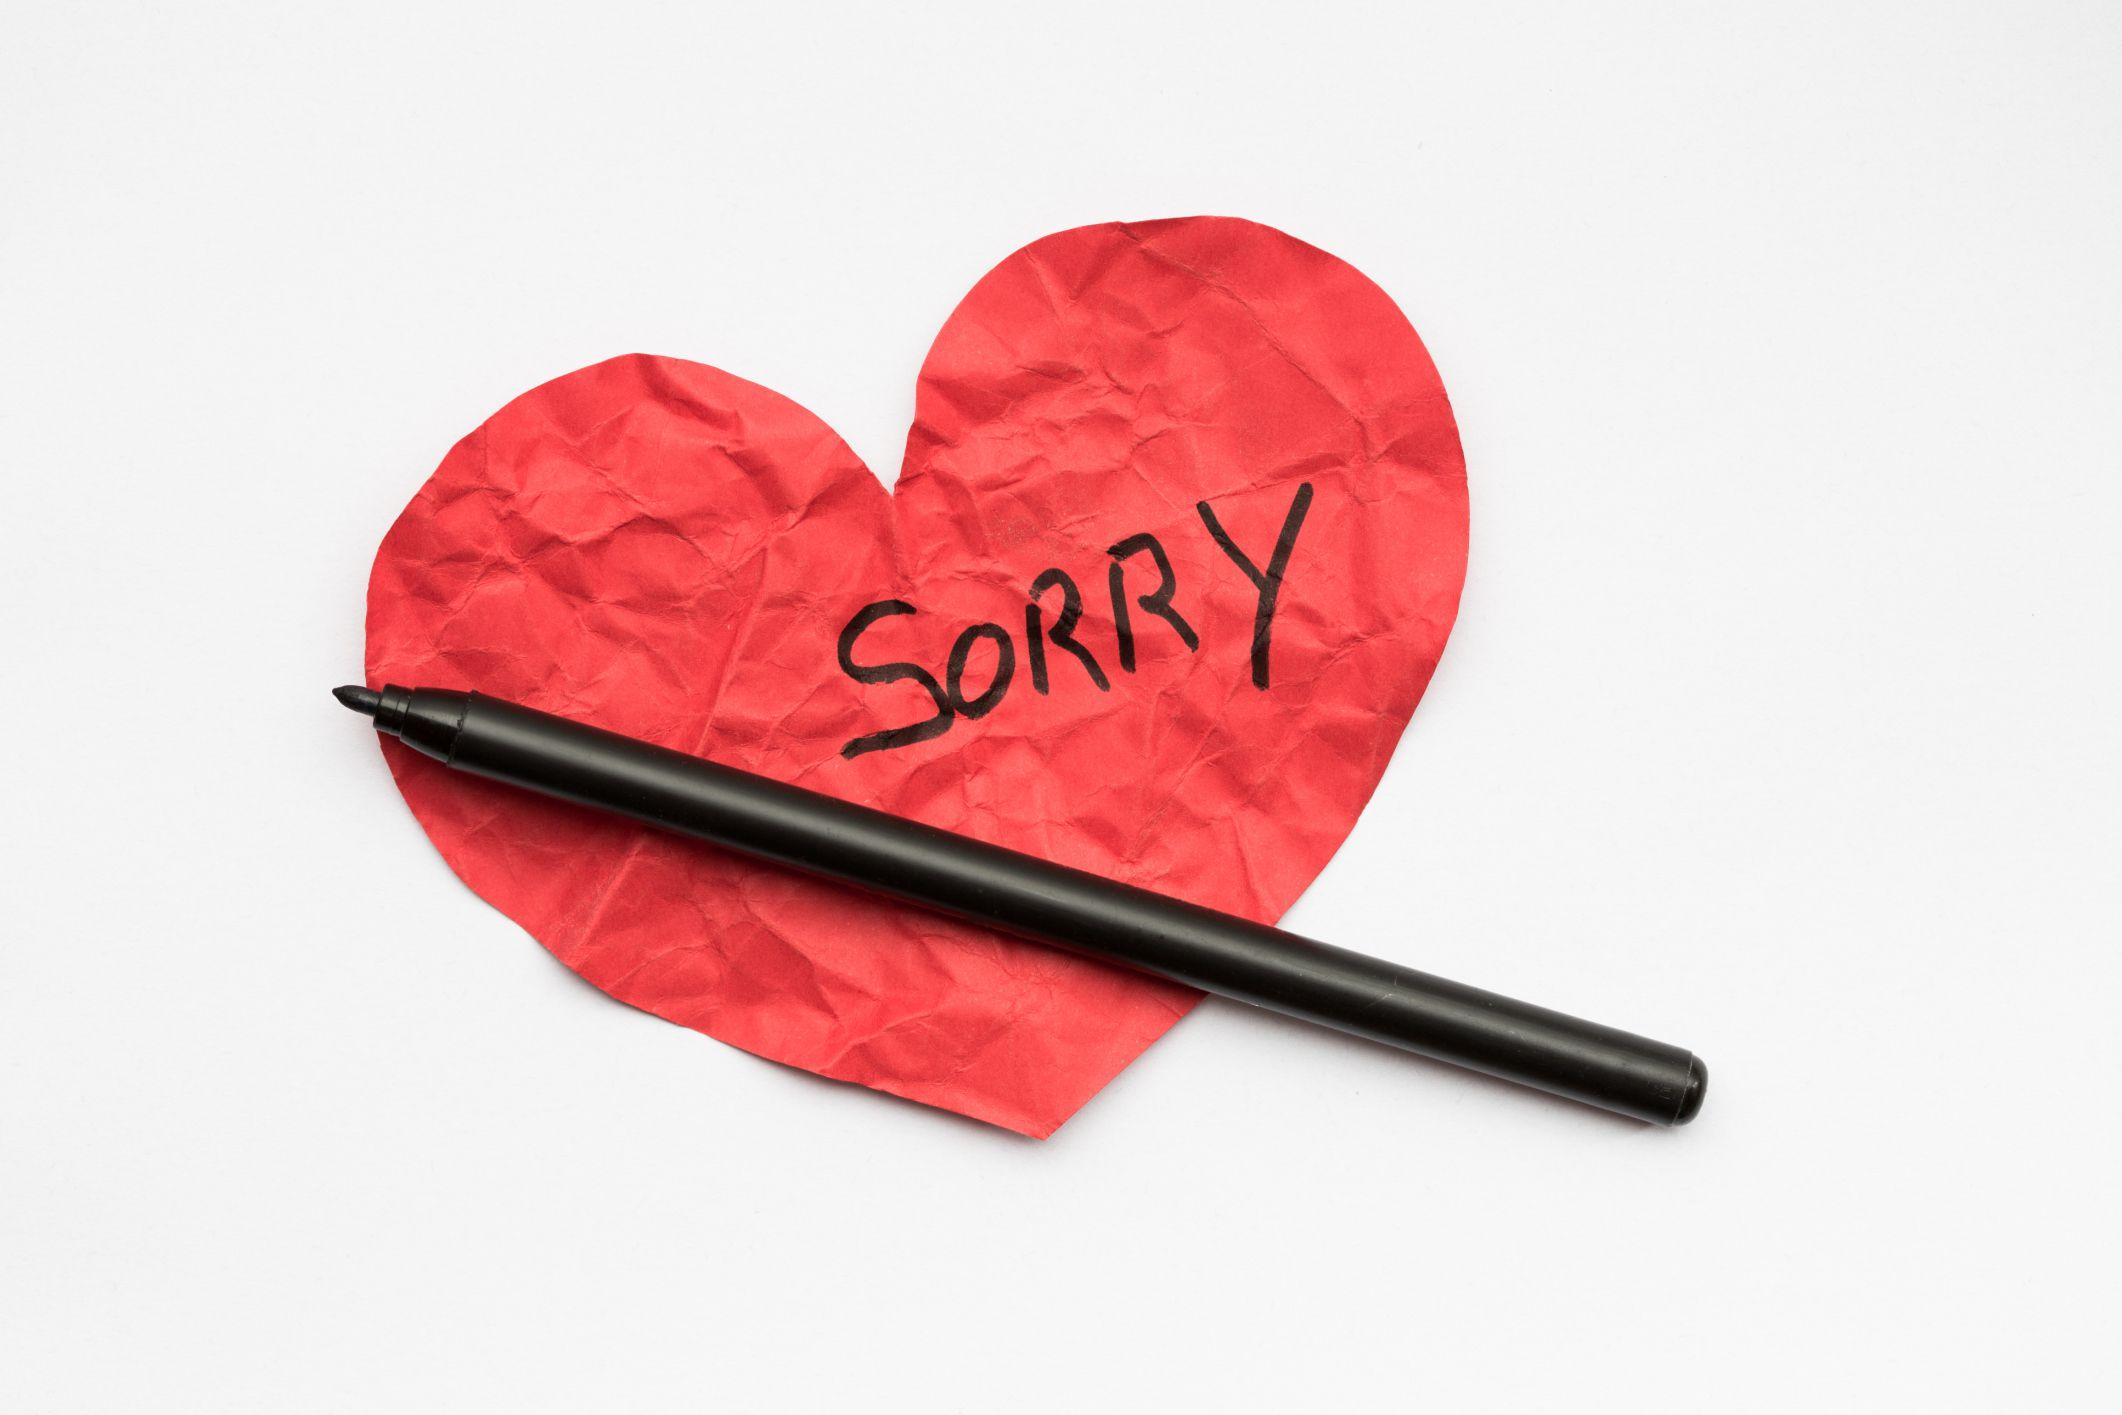 Ways to apologize to your boyfriend